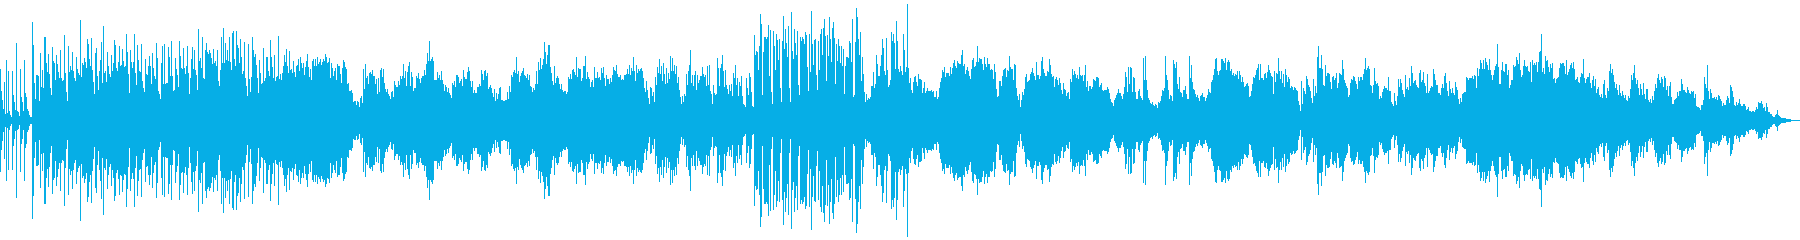 【生入り】和風でしんみり、祇園祭り風の再生済みの波形